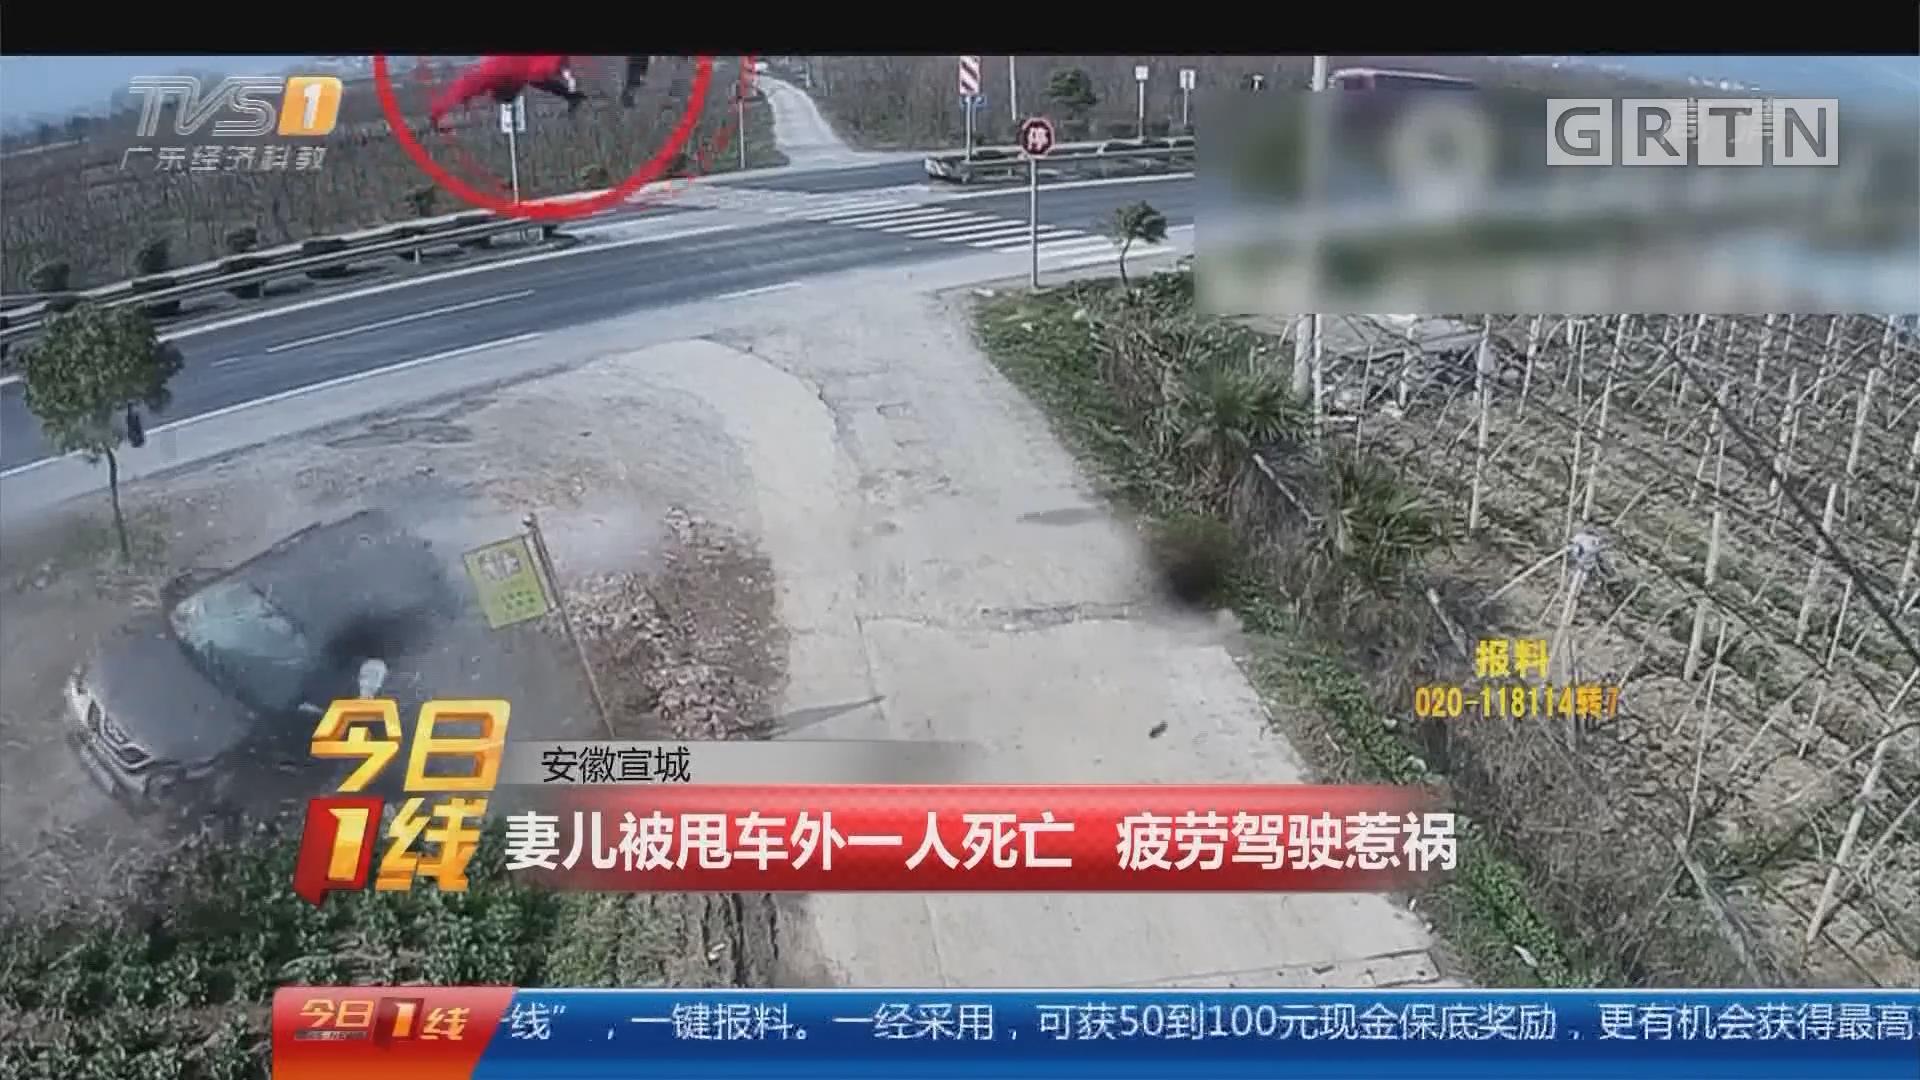 安徽宣城:妻儿被甩车外一人死亡 疲劳驾驶惹祸